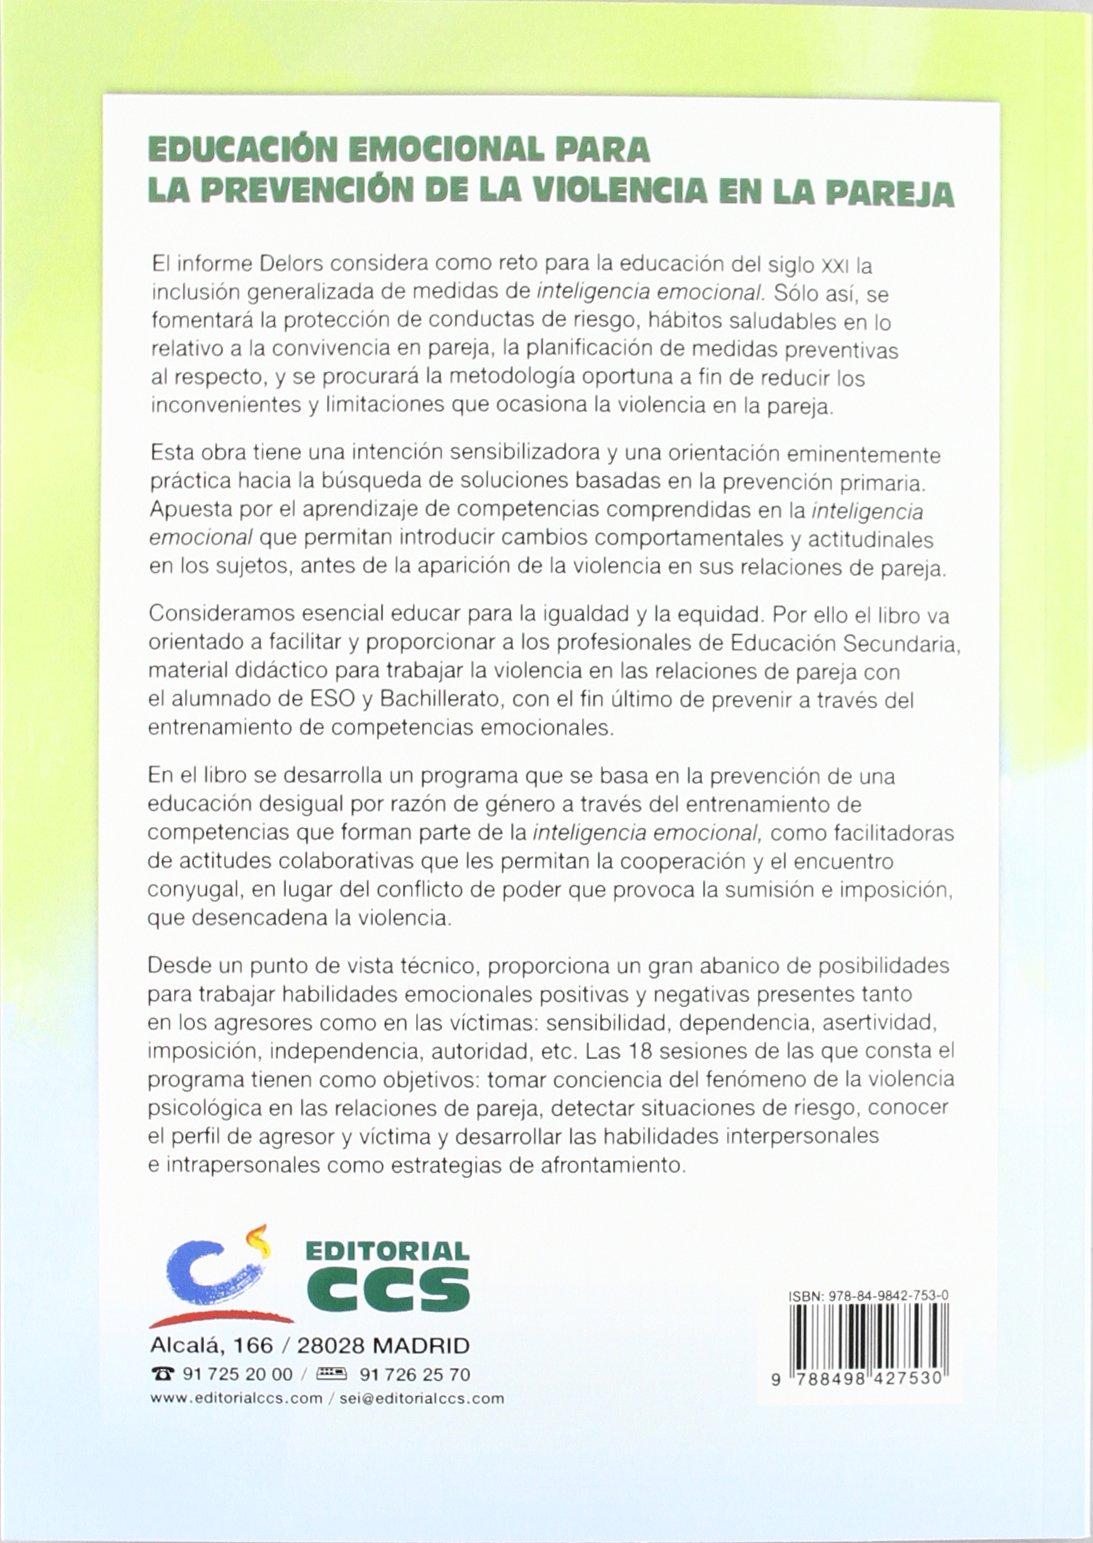 Educación emocional para la prevención de la violencia en la pareja Materiales para educadores: Amazon.es: Vv.Aa.: Libros